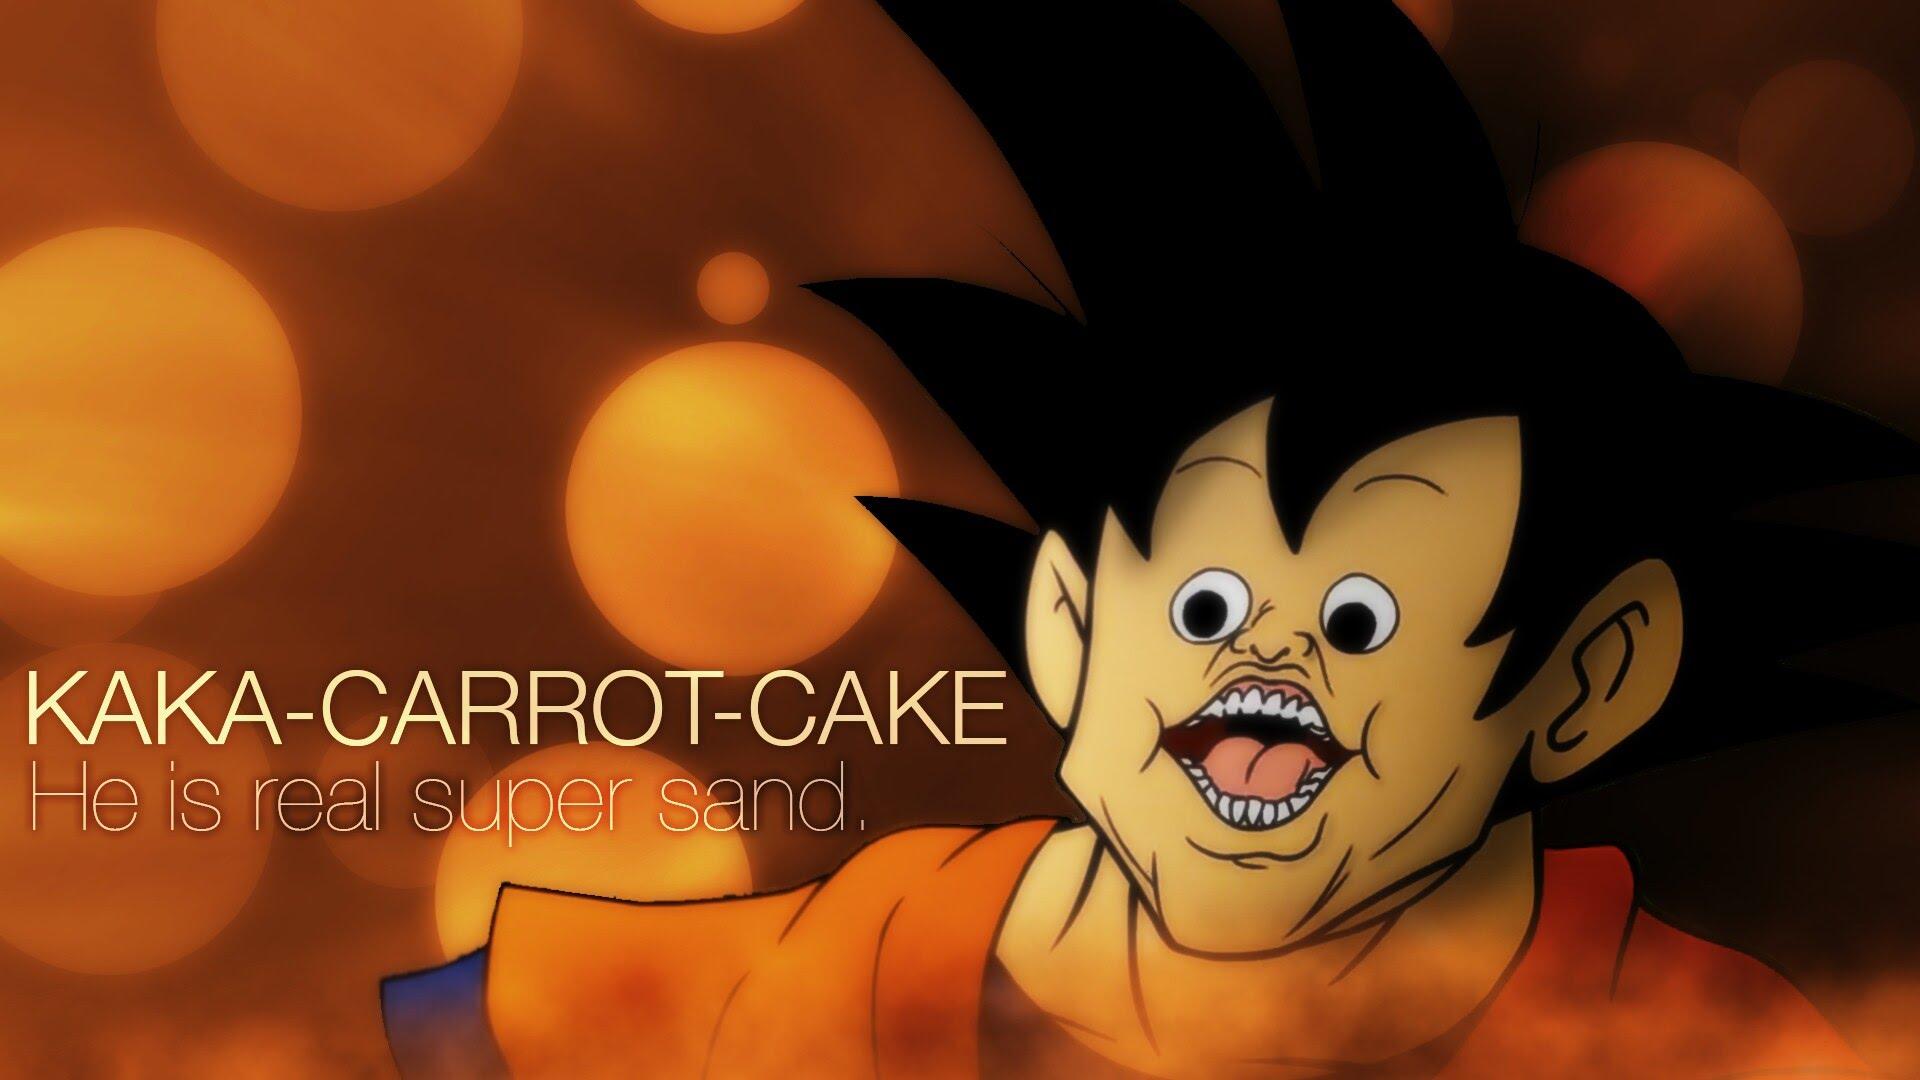 Carrot clipart real Carrot cake YouTube Kaka